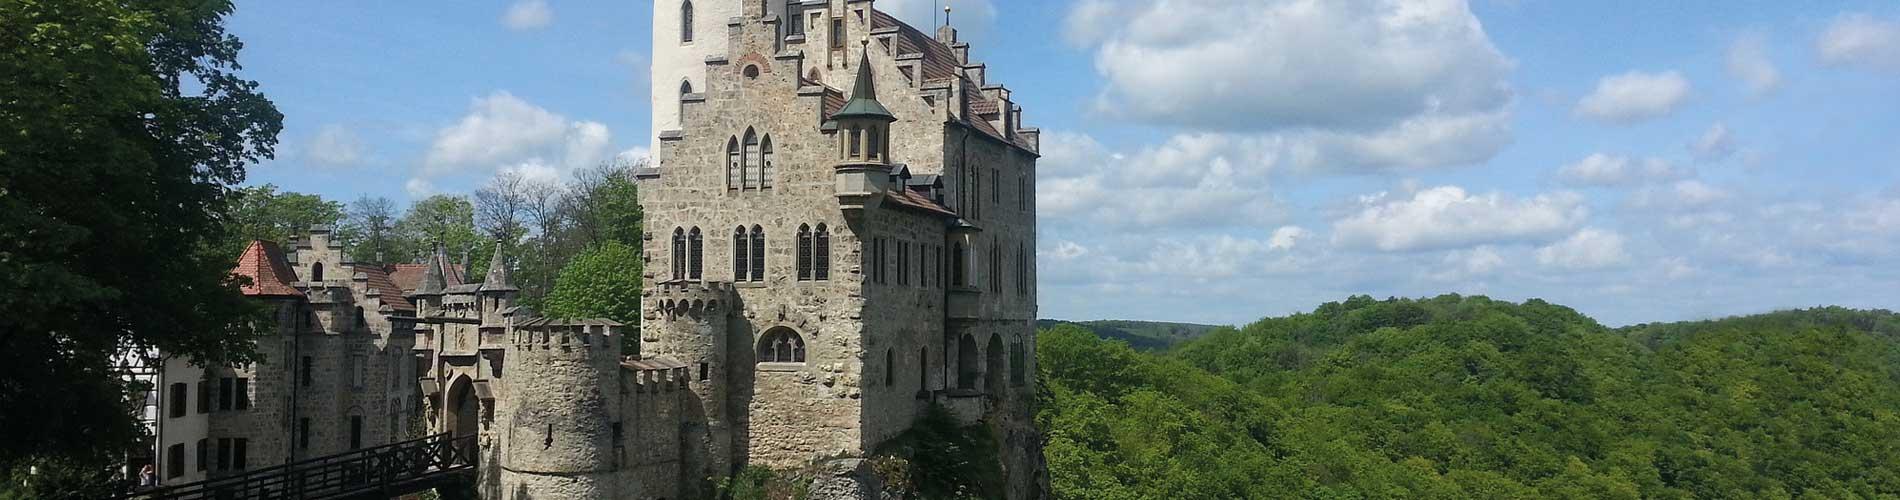 Blog_TopCastlesGermany_Lichtenstein-Castle_1900x500